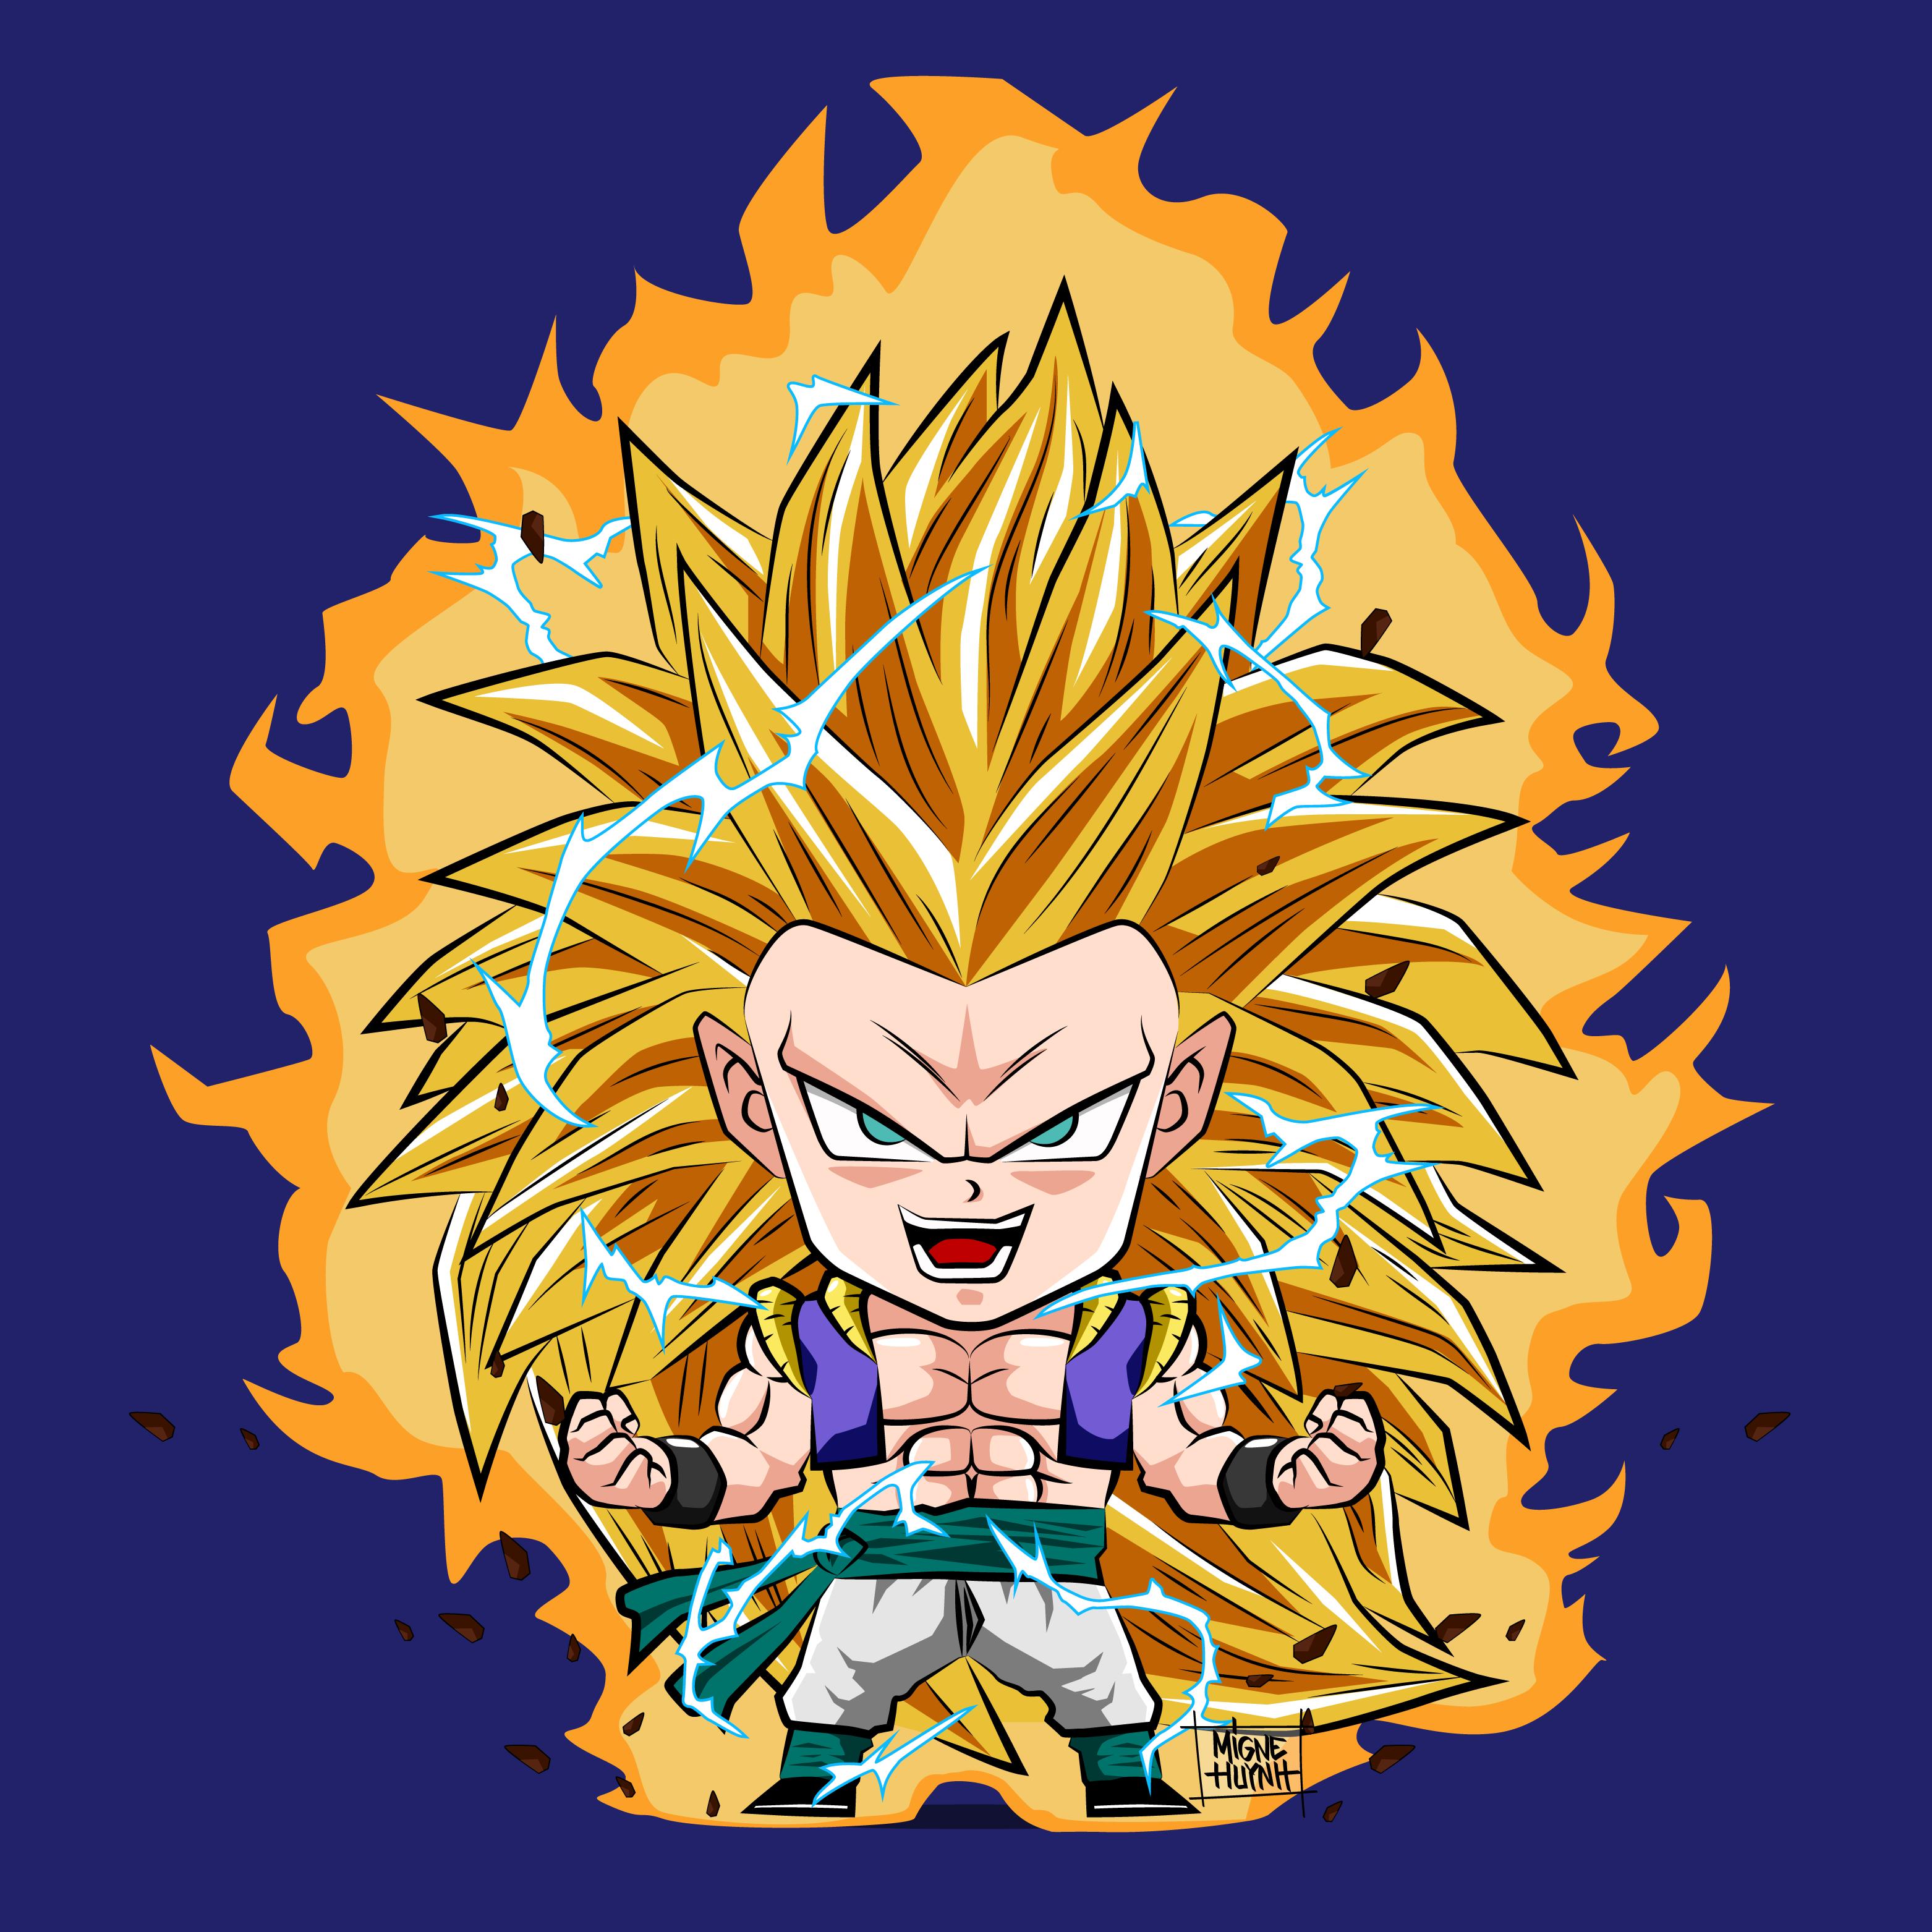 ����gotenks ssj3���� by mr shoryuken dragon ball